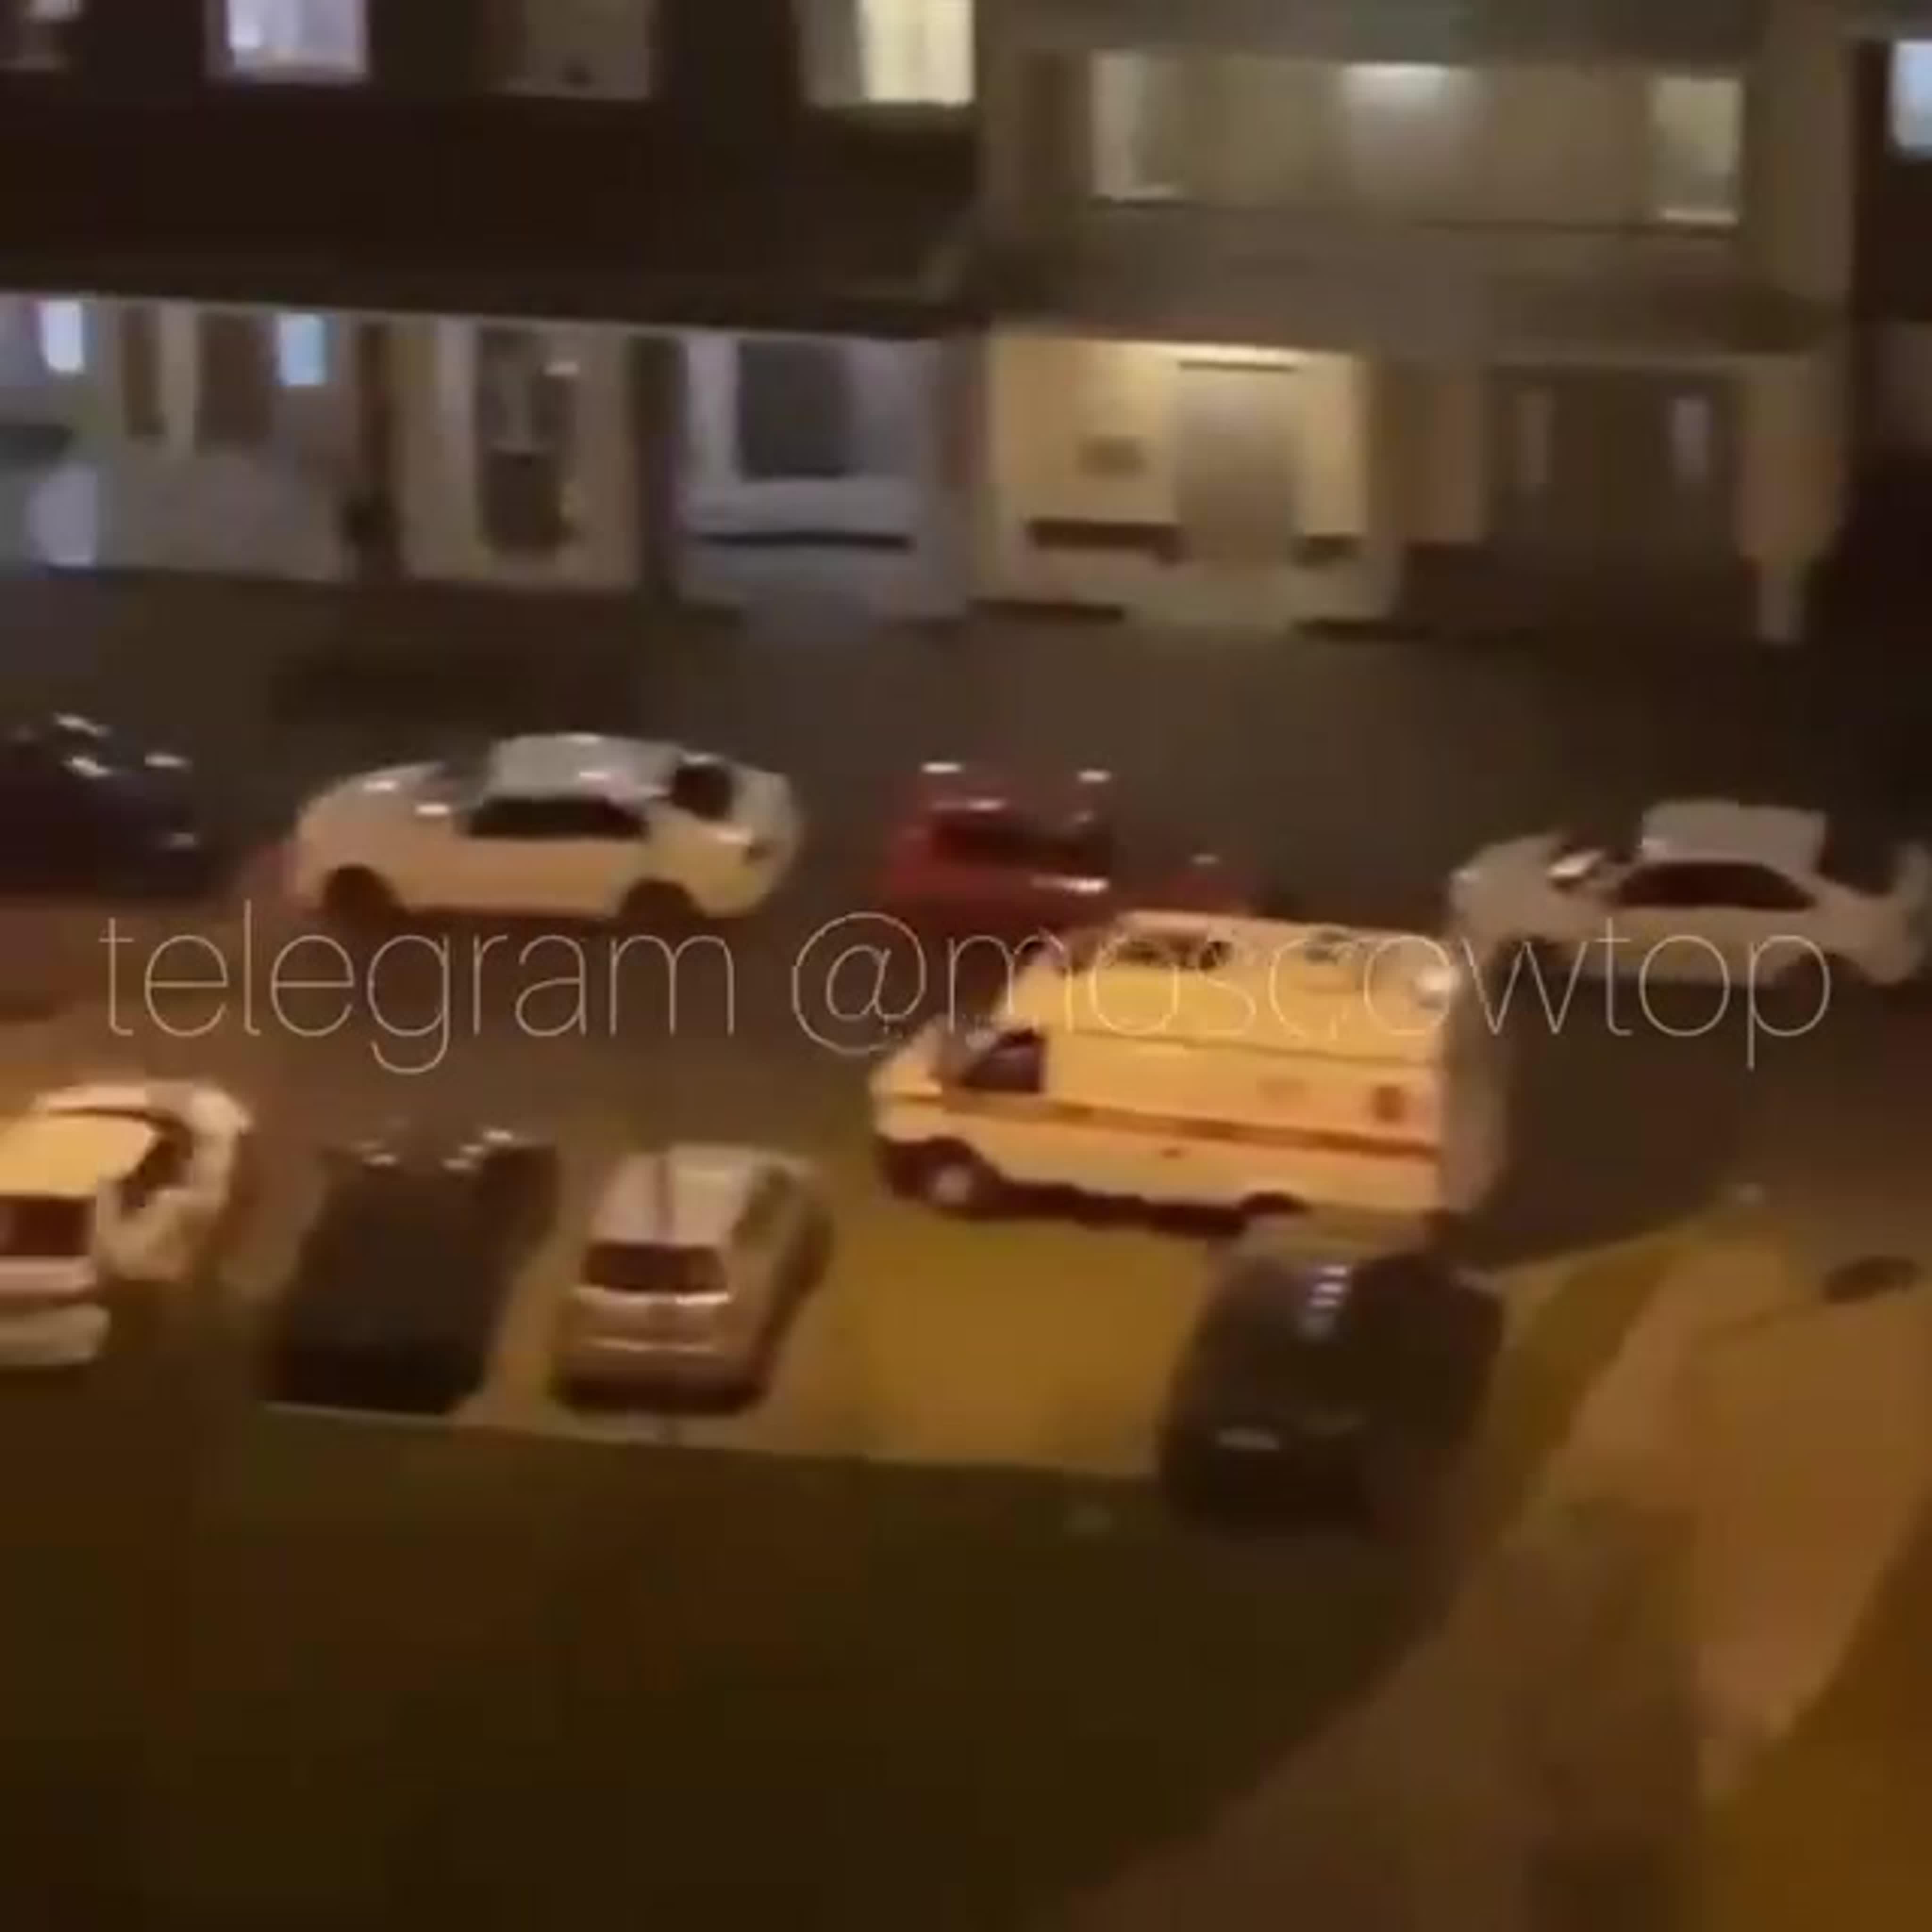 В ЖК «Внуково 2016» ночью бегал мужик с чем-то похожим на пистолет и произвёл несколько выстрелов.